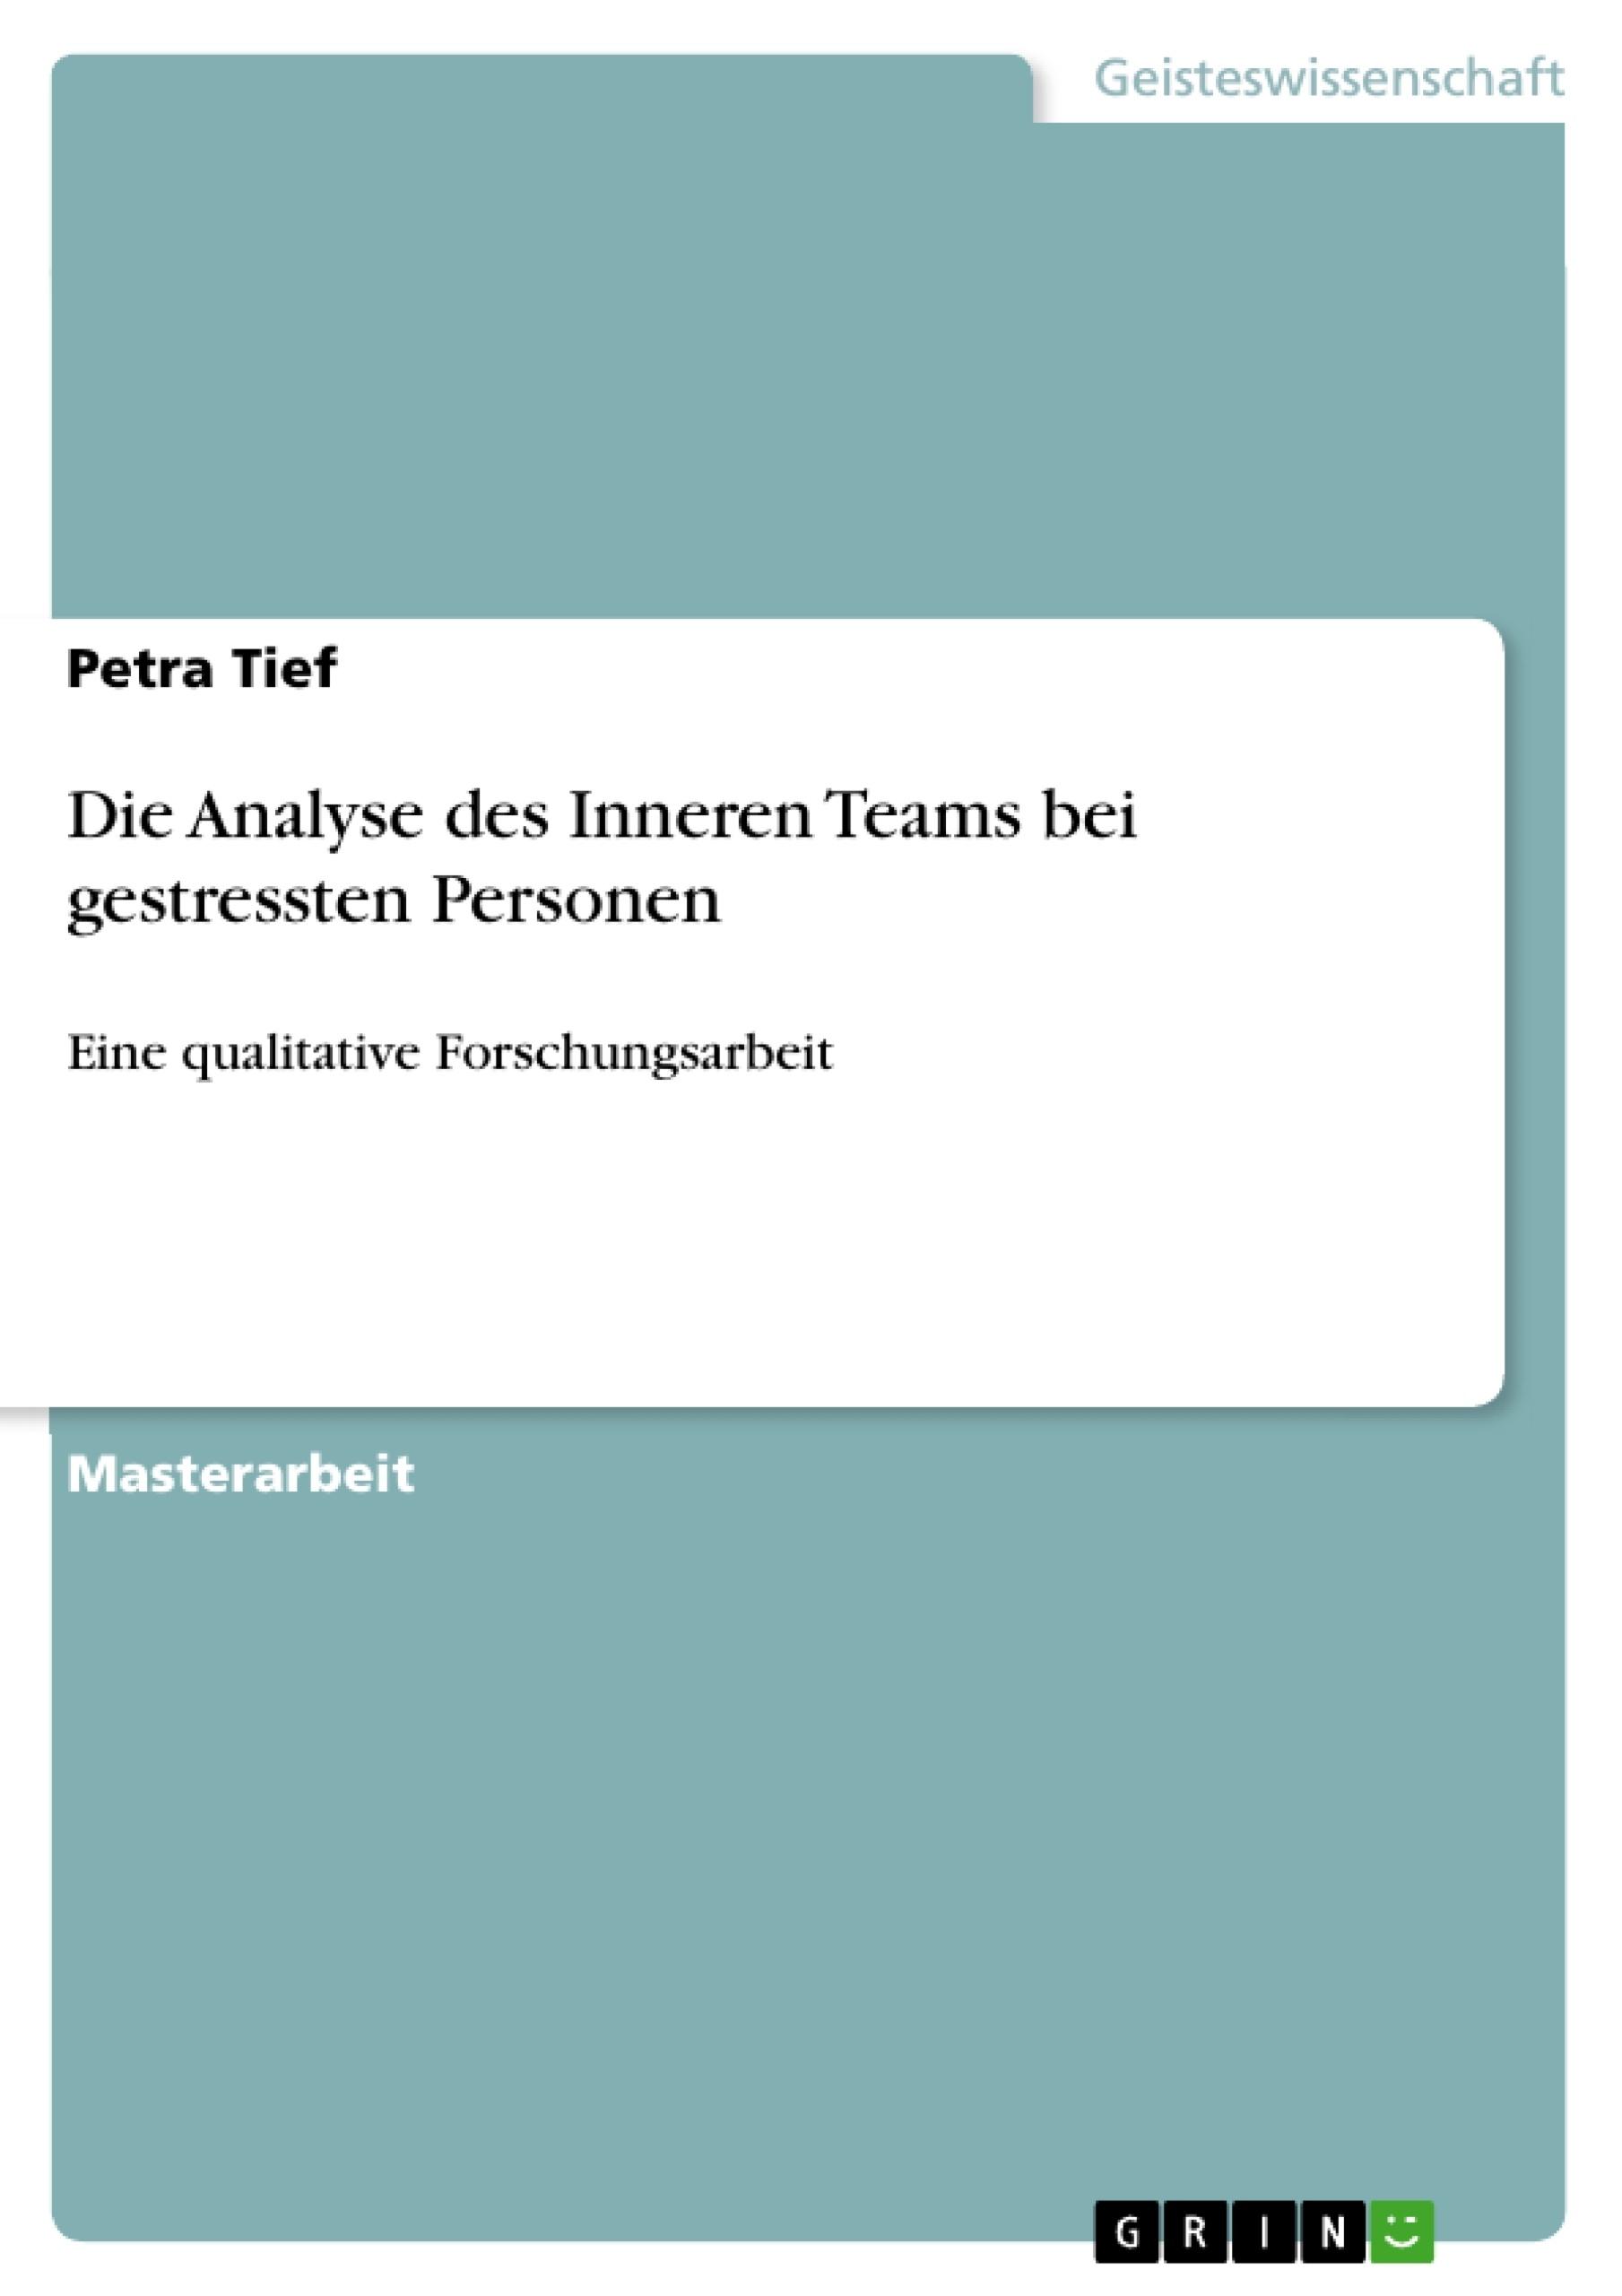 Titel: Die Analyse des Inneren Teams bei gestressten Personen